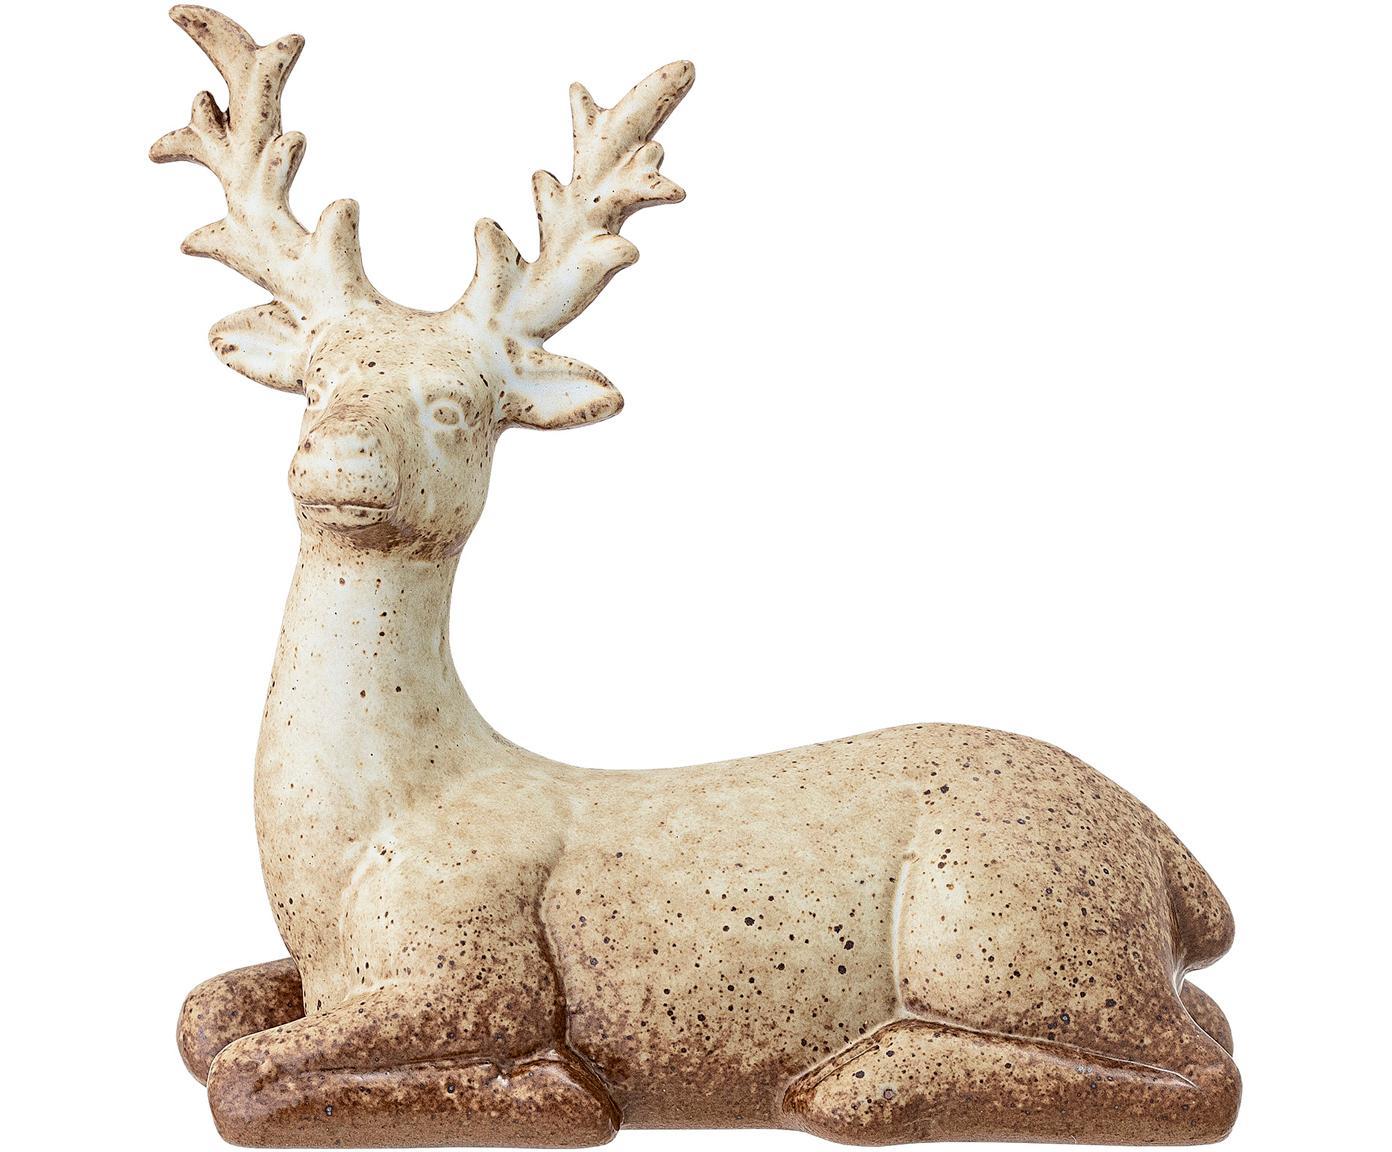 Handgefertigtes Deko-Objekt Deer, Steingut, Braun, Beige, 16 x 15 cm